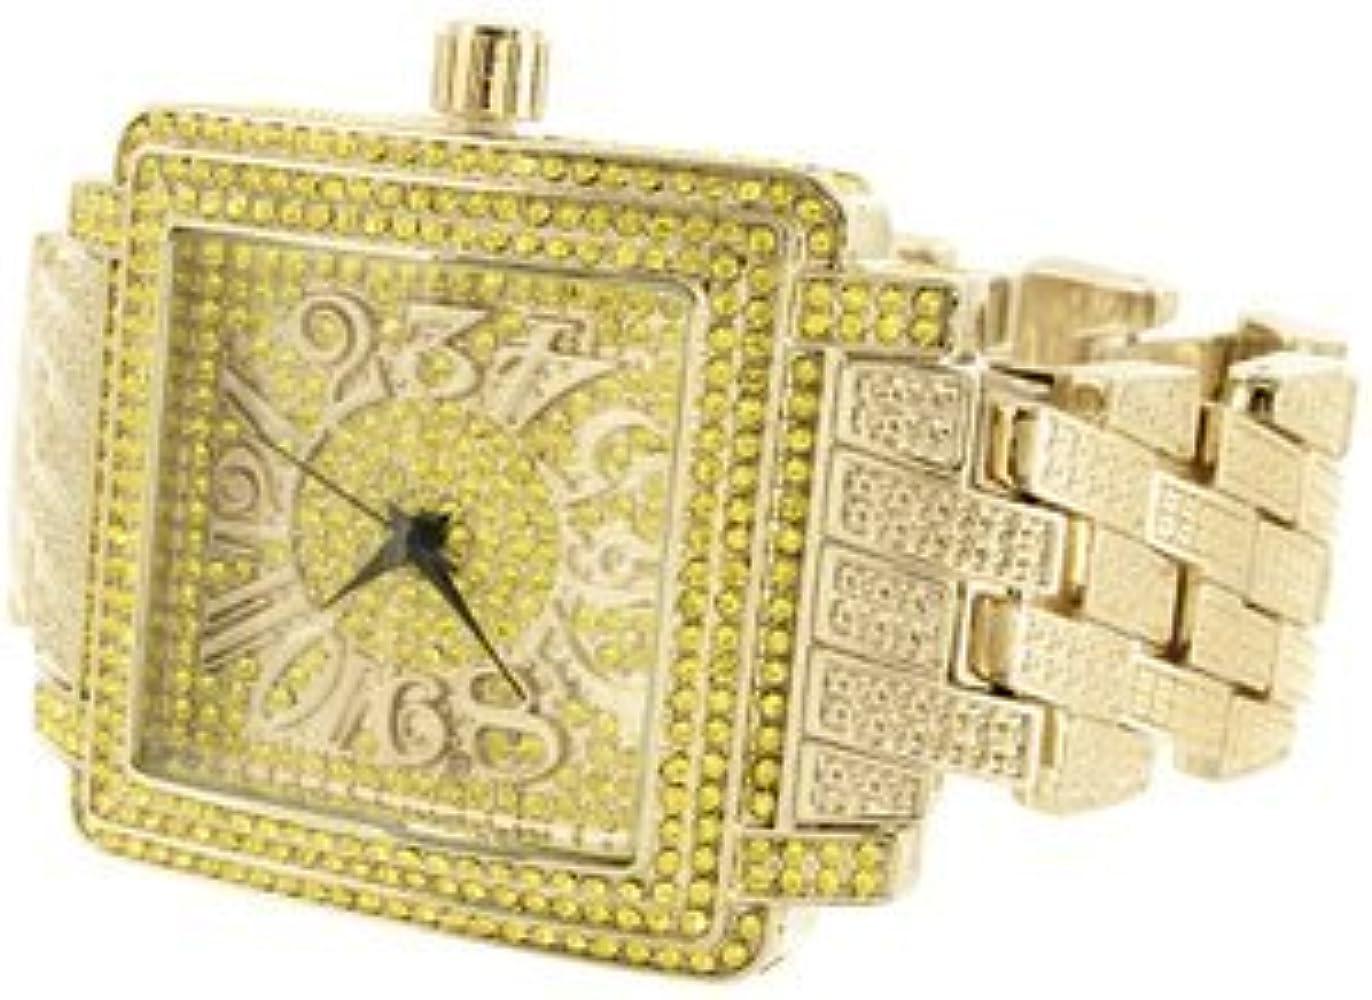 Reloj Oro Viceroy Cuadrado Joyería Indiano